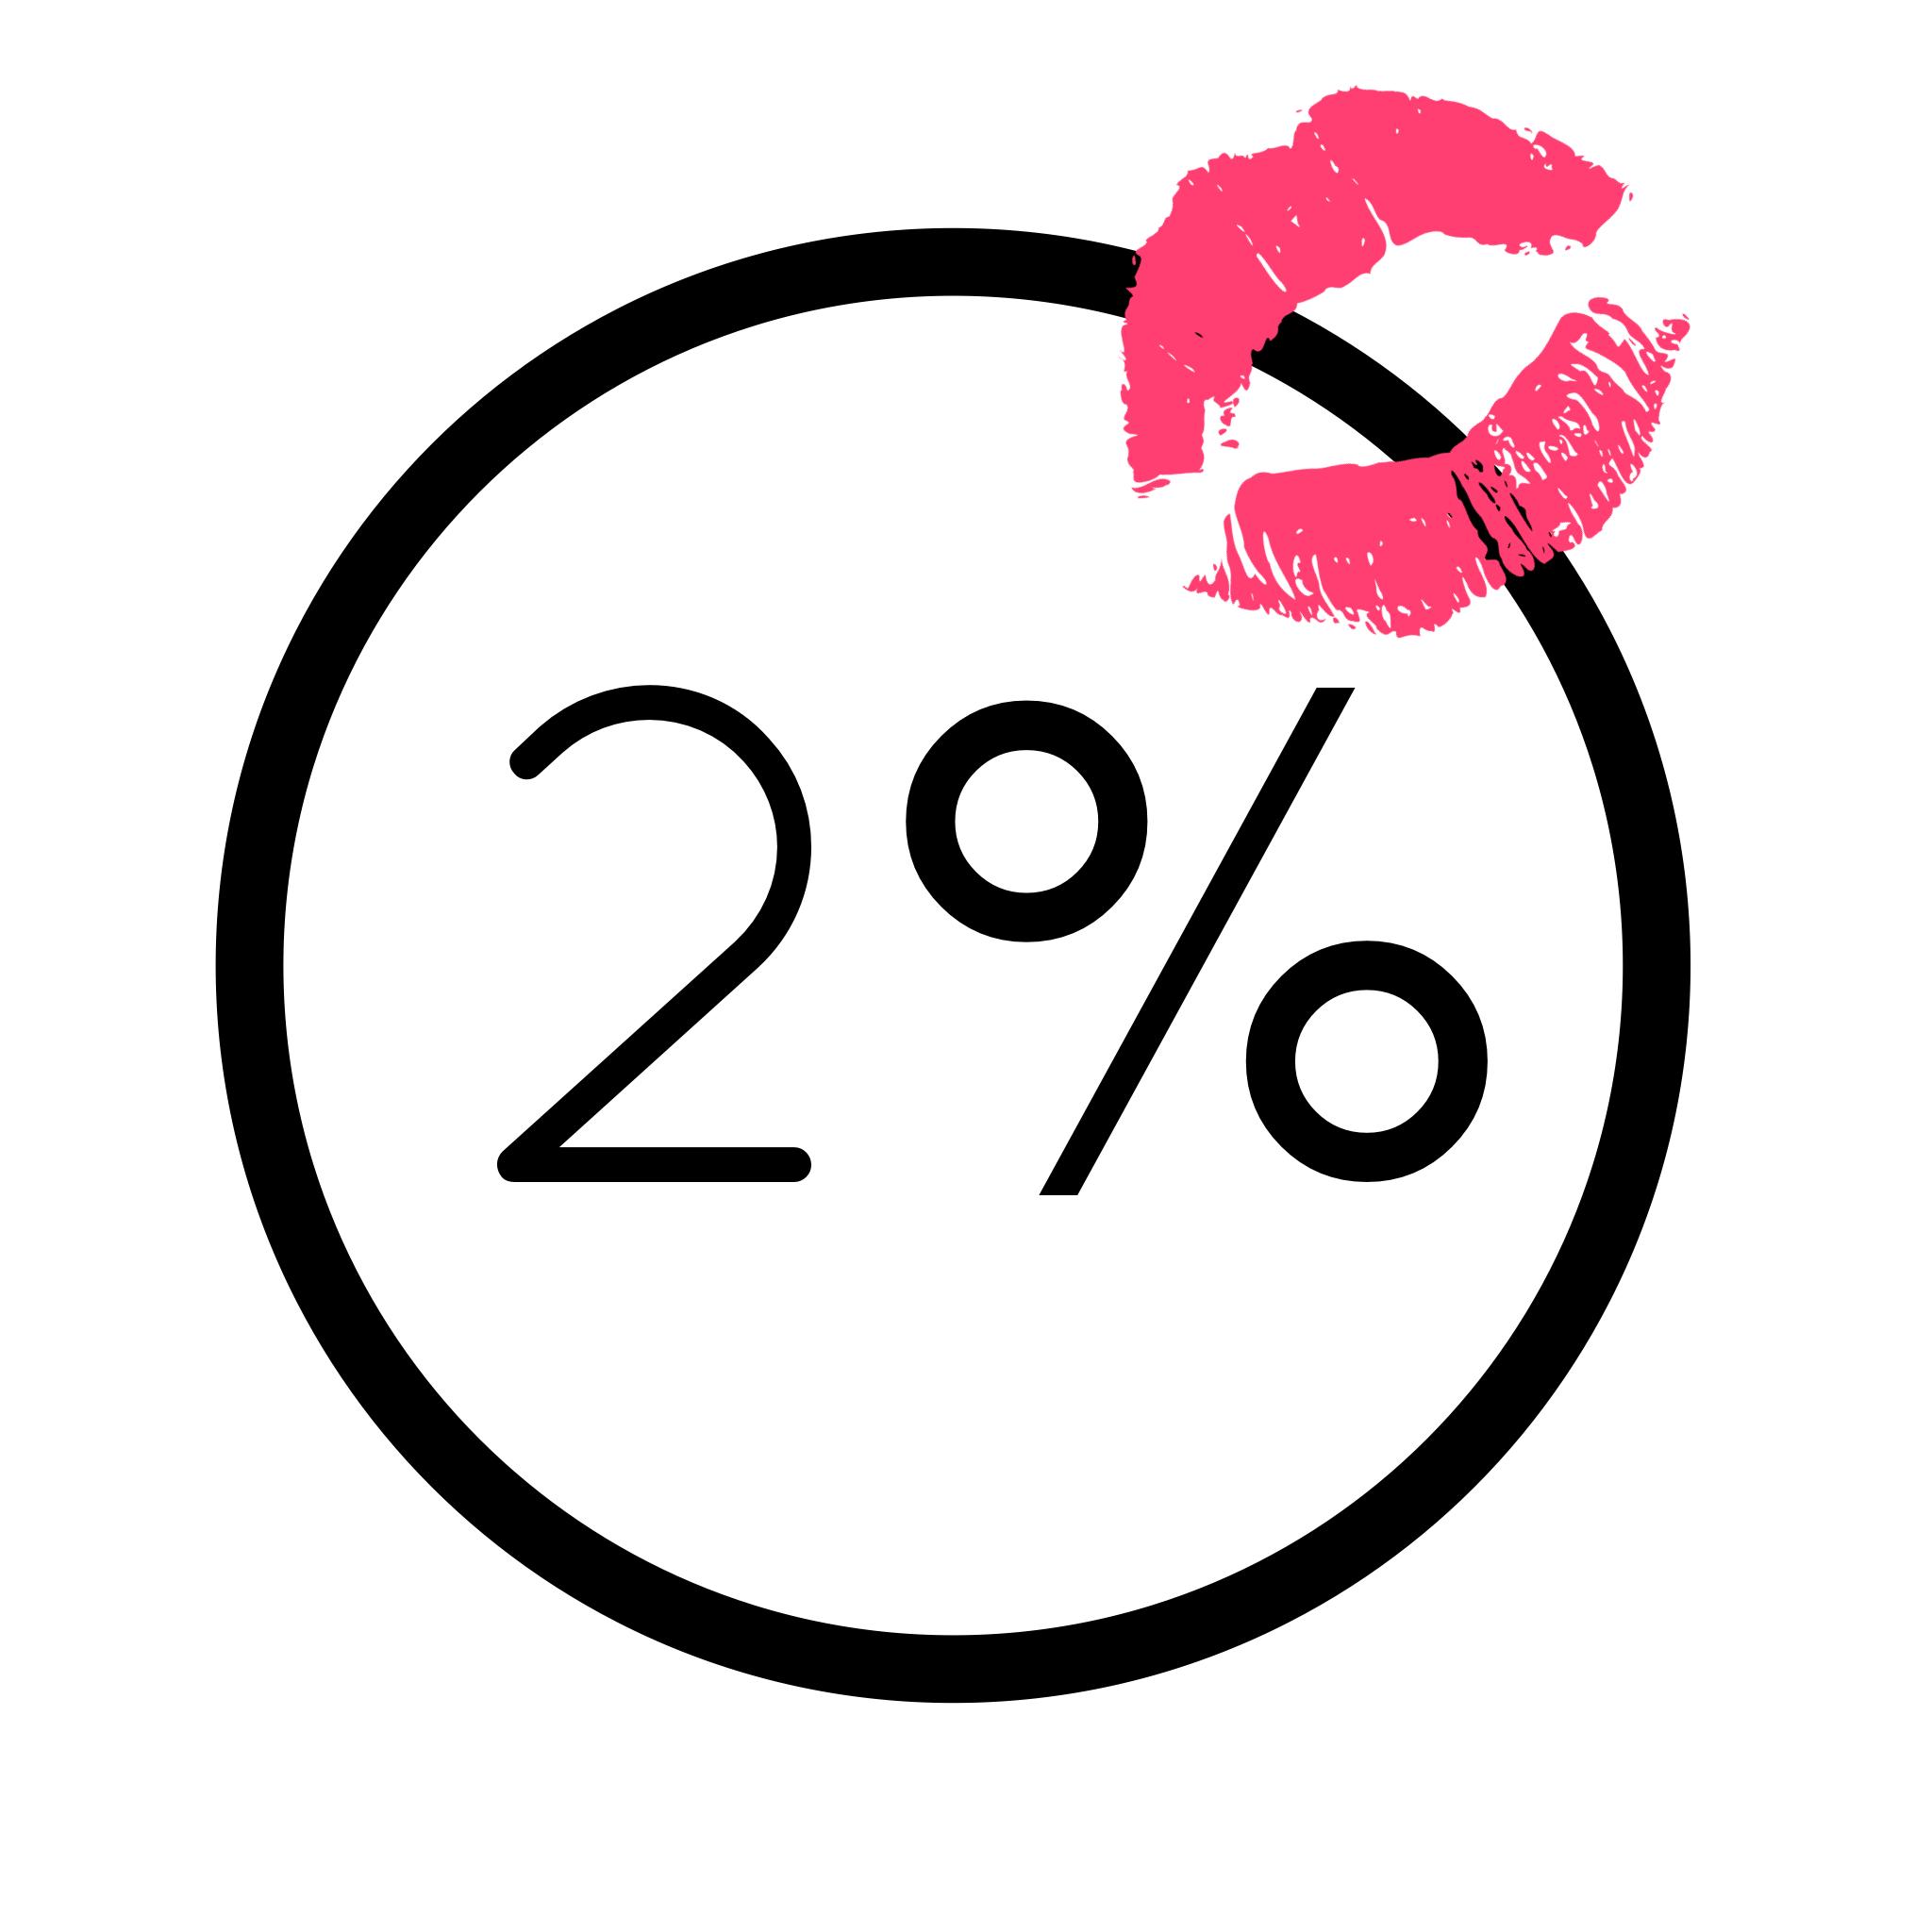 2%寄付 環境保護団体 慈善団体に寄付する CBDのある生活 camyucbd